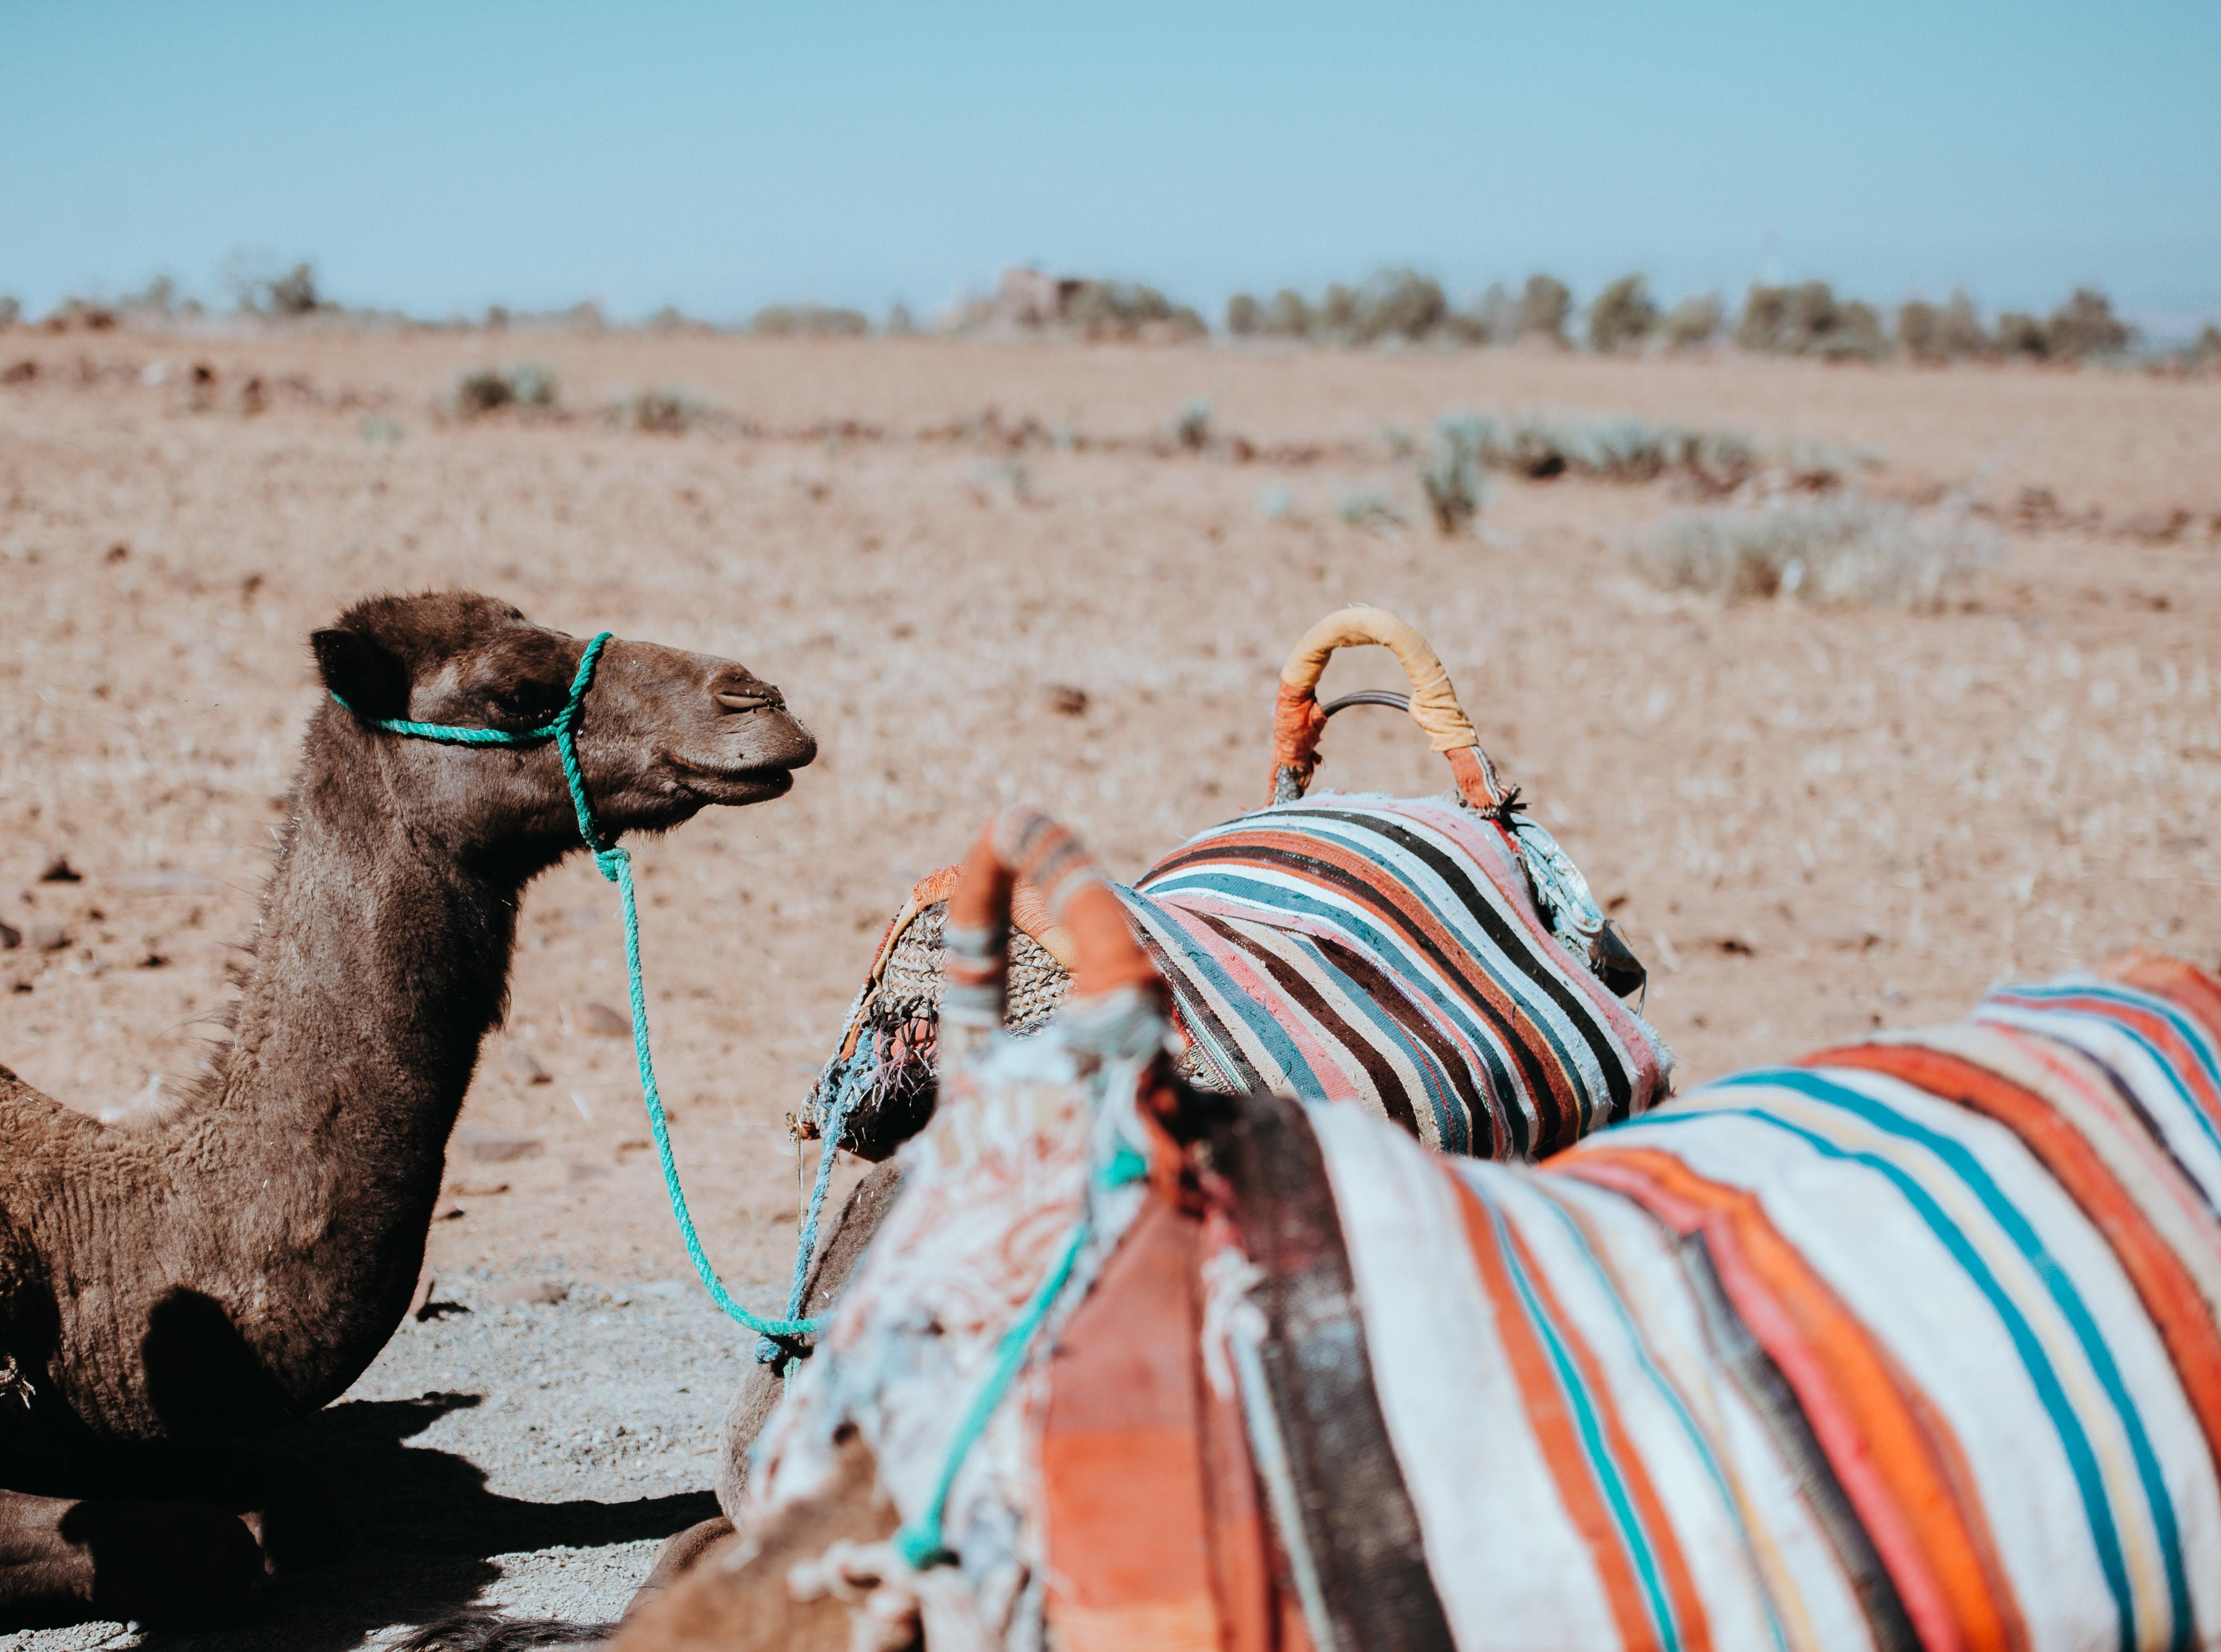 brown camel sitting on desert during daytime